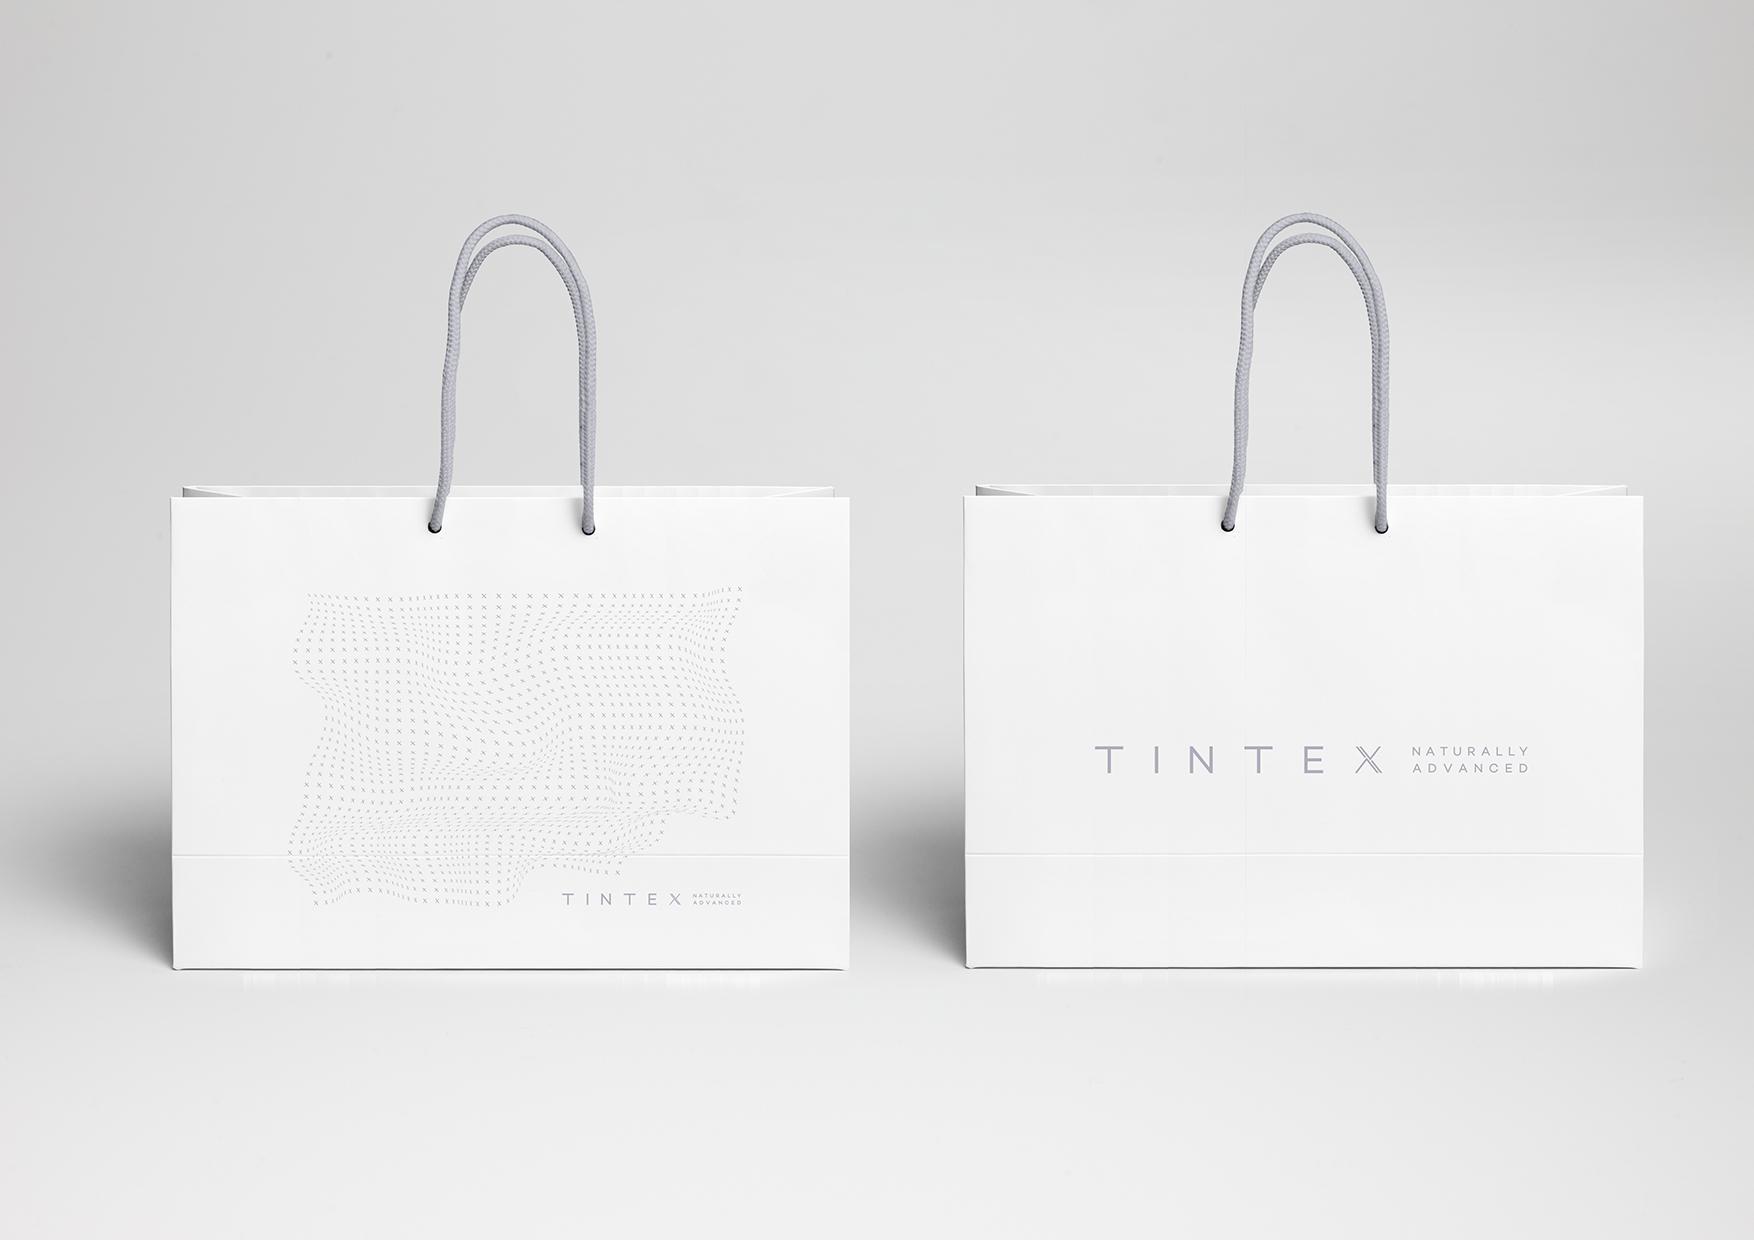 tintex_fashion makers_05.jpg